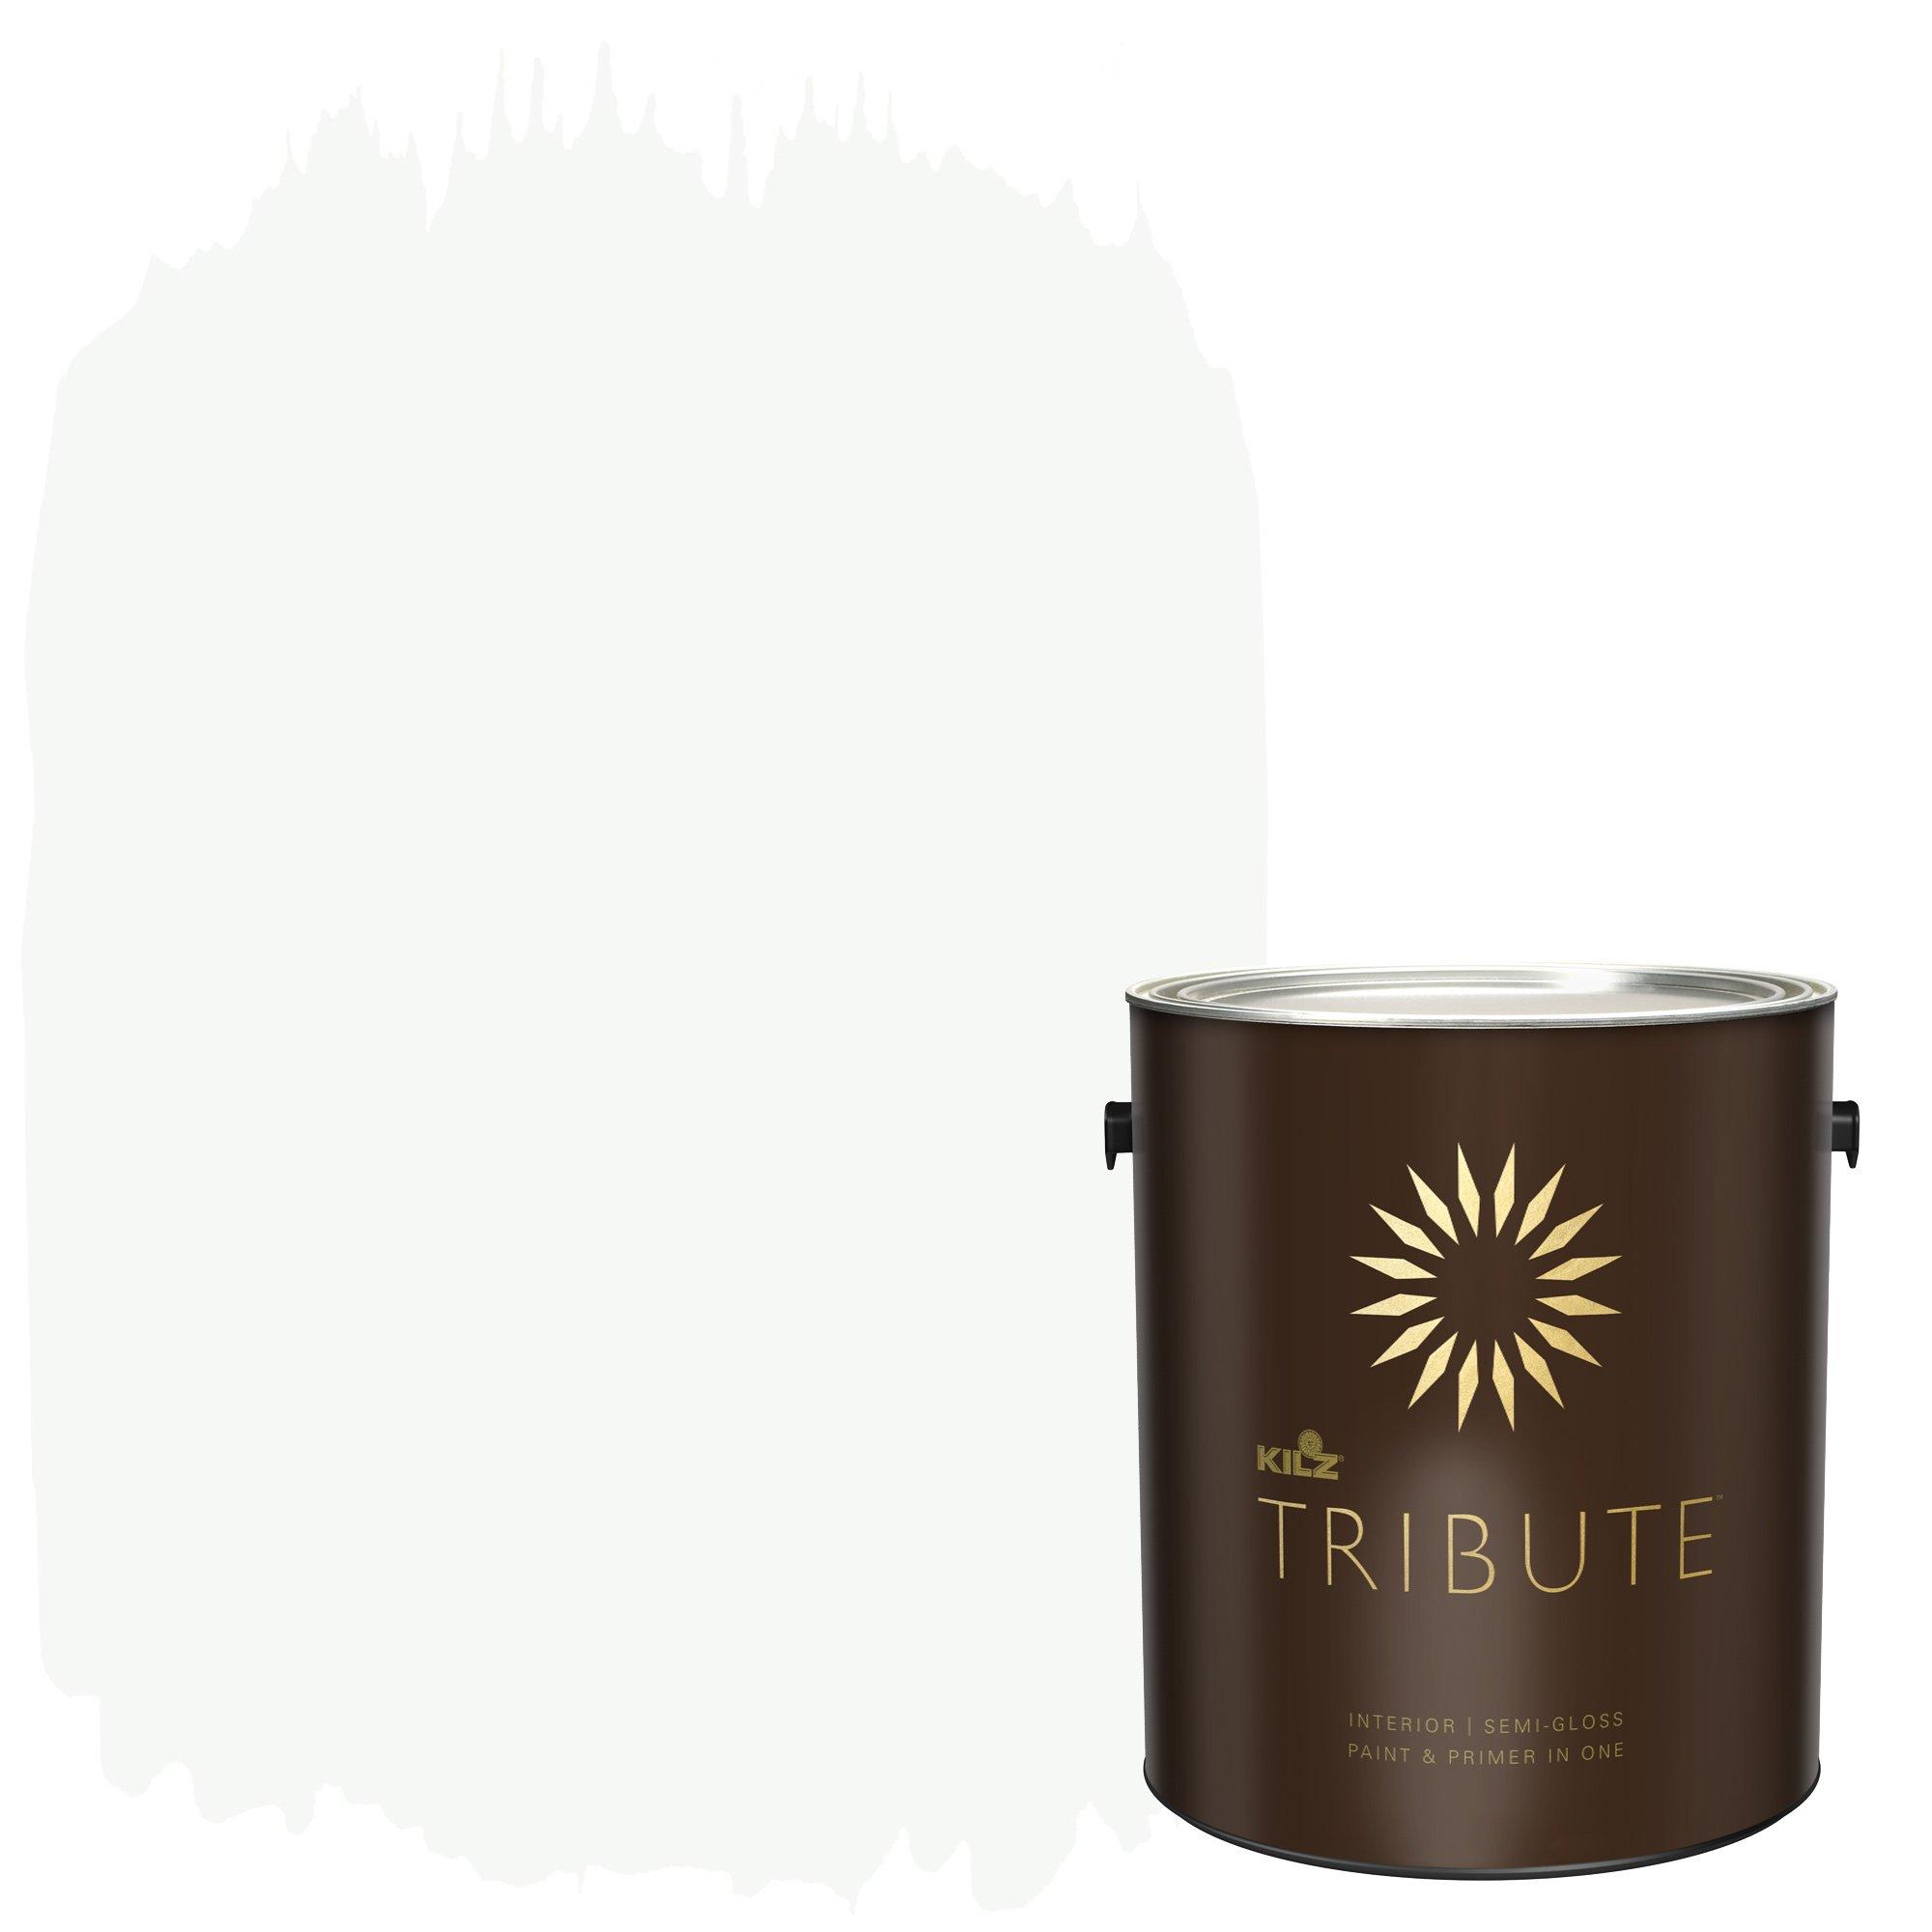 KILZ TRIBUTE Interior Semi-Gloss Paint and Primer in One, 1 Gallon, Ultra Bright White (TB-01)